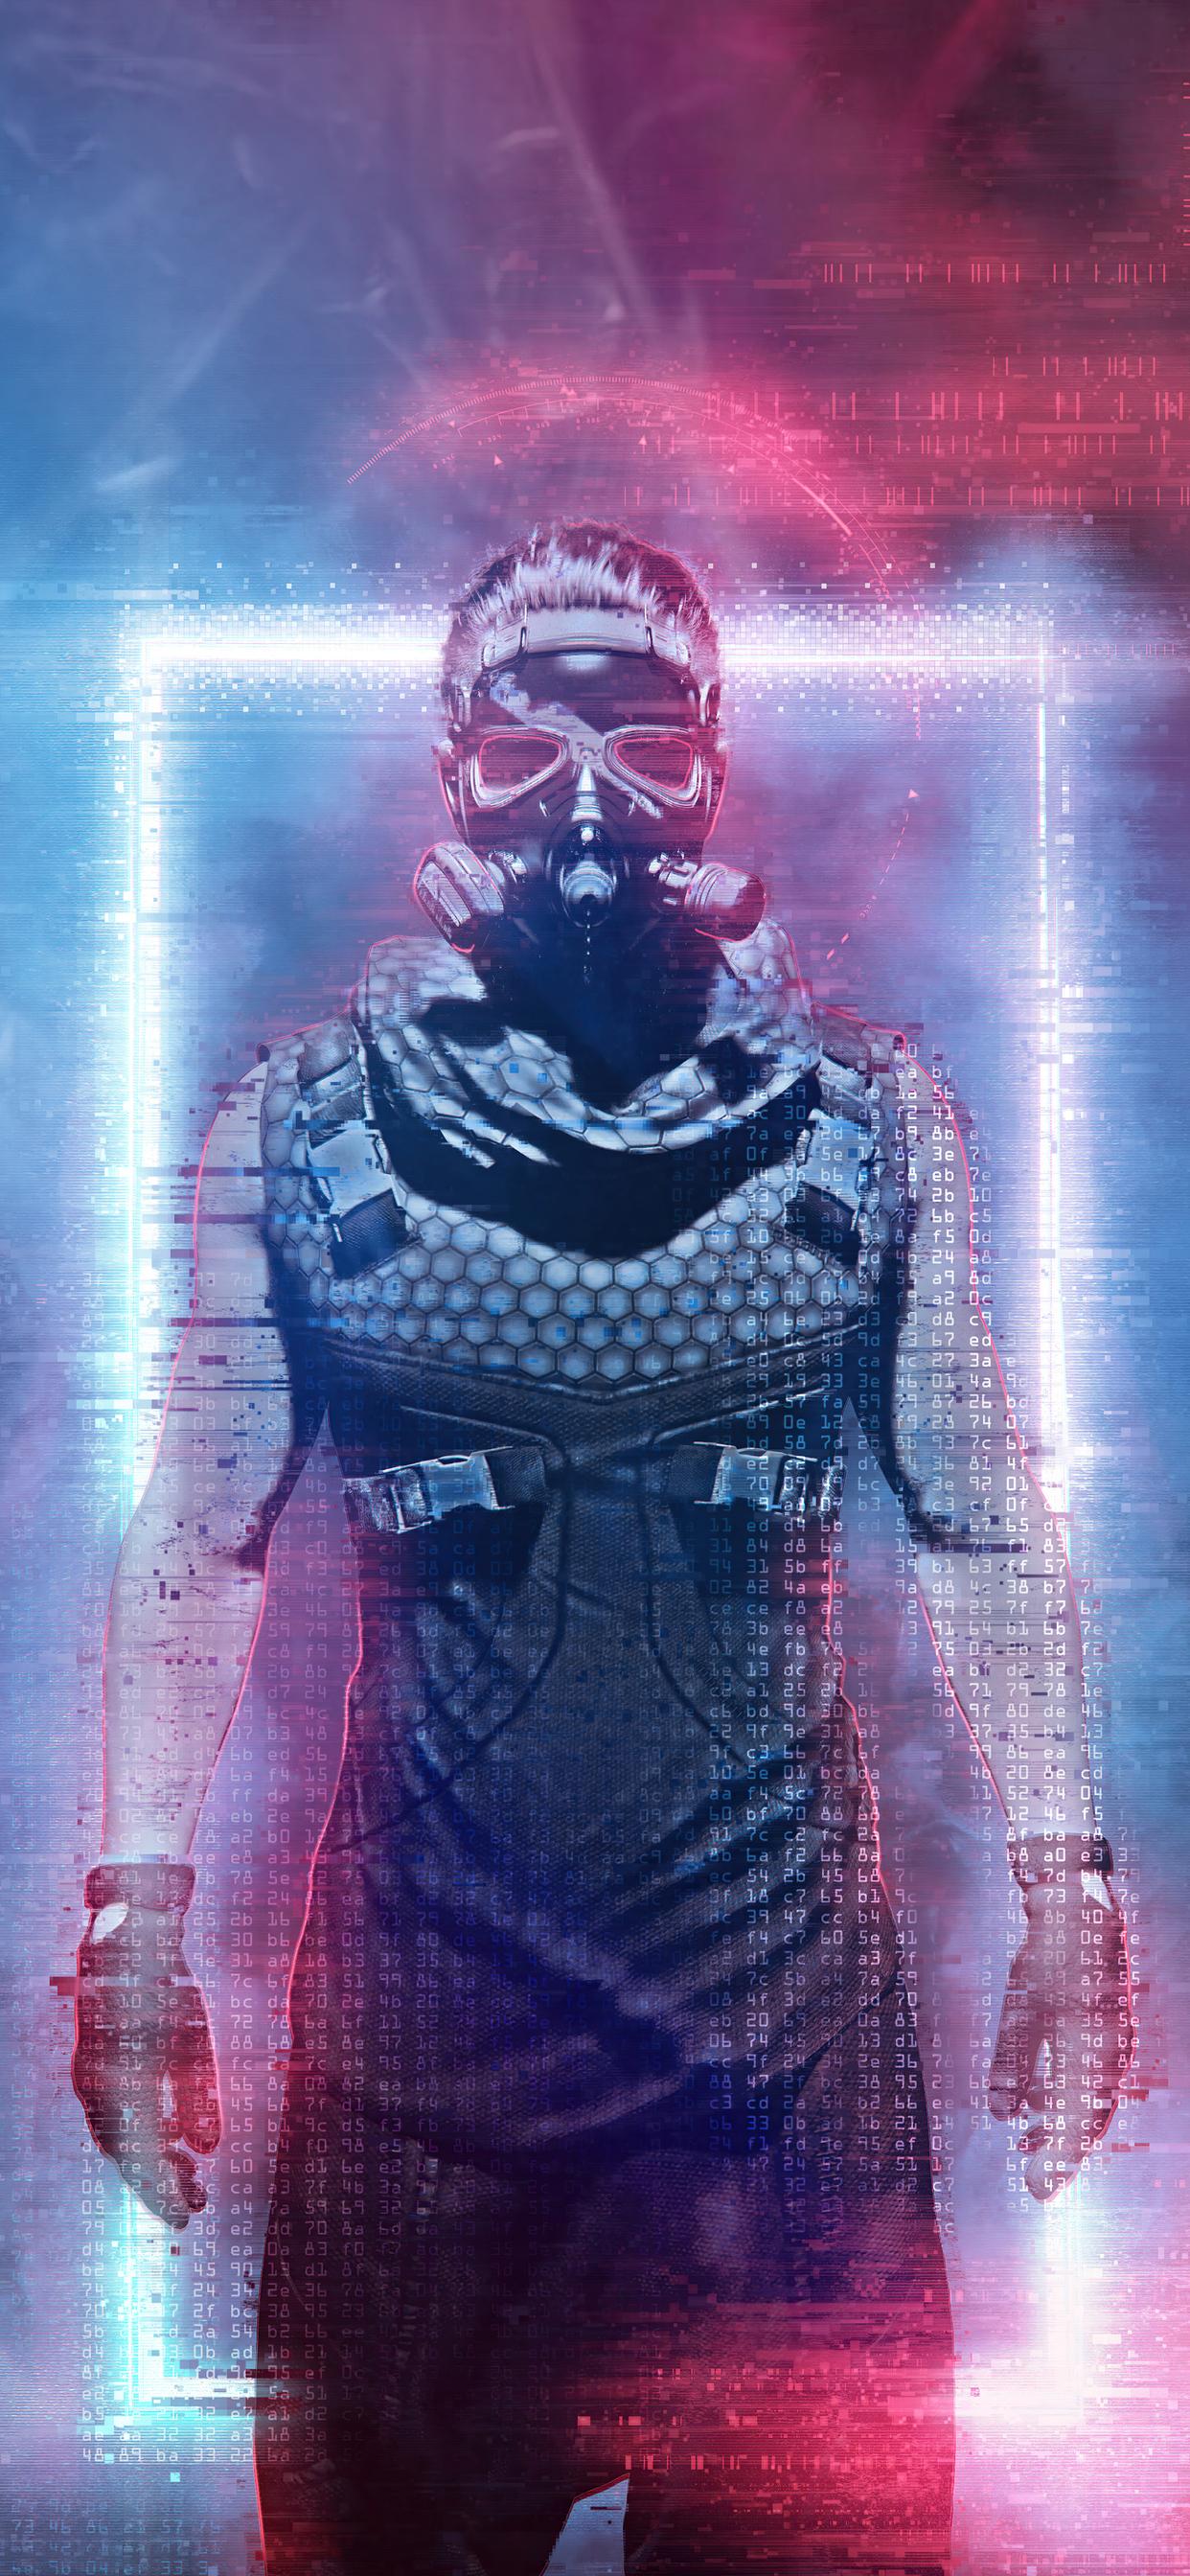 cyberpunk-paradise-girl-5k-7g.jpg